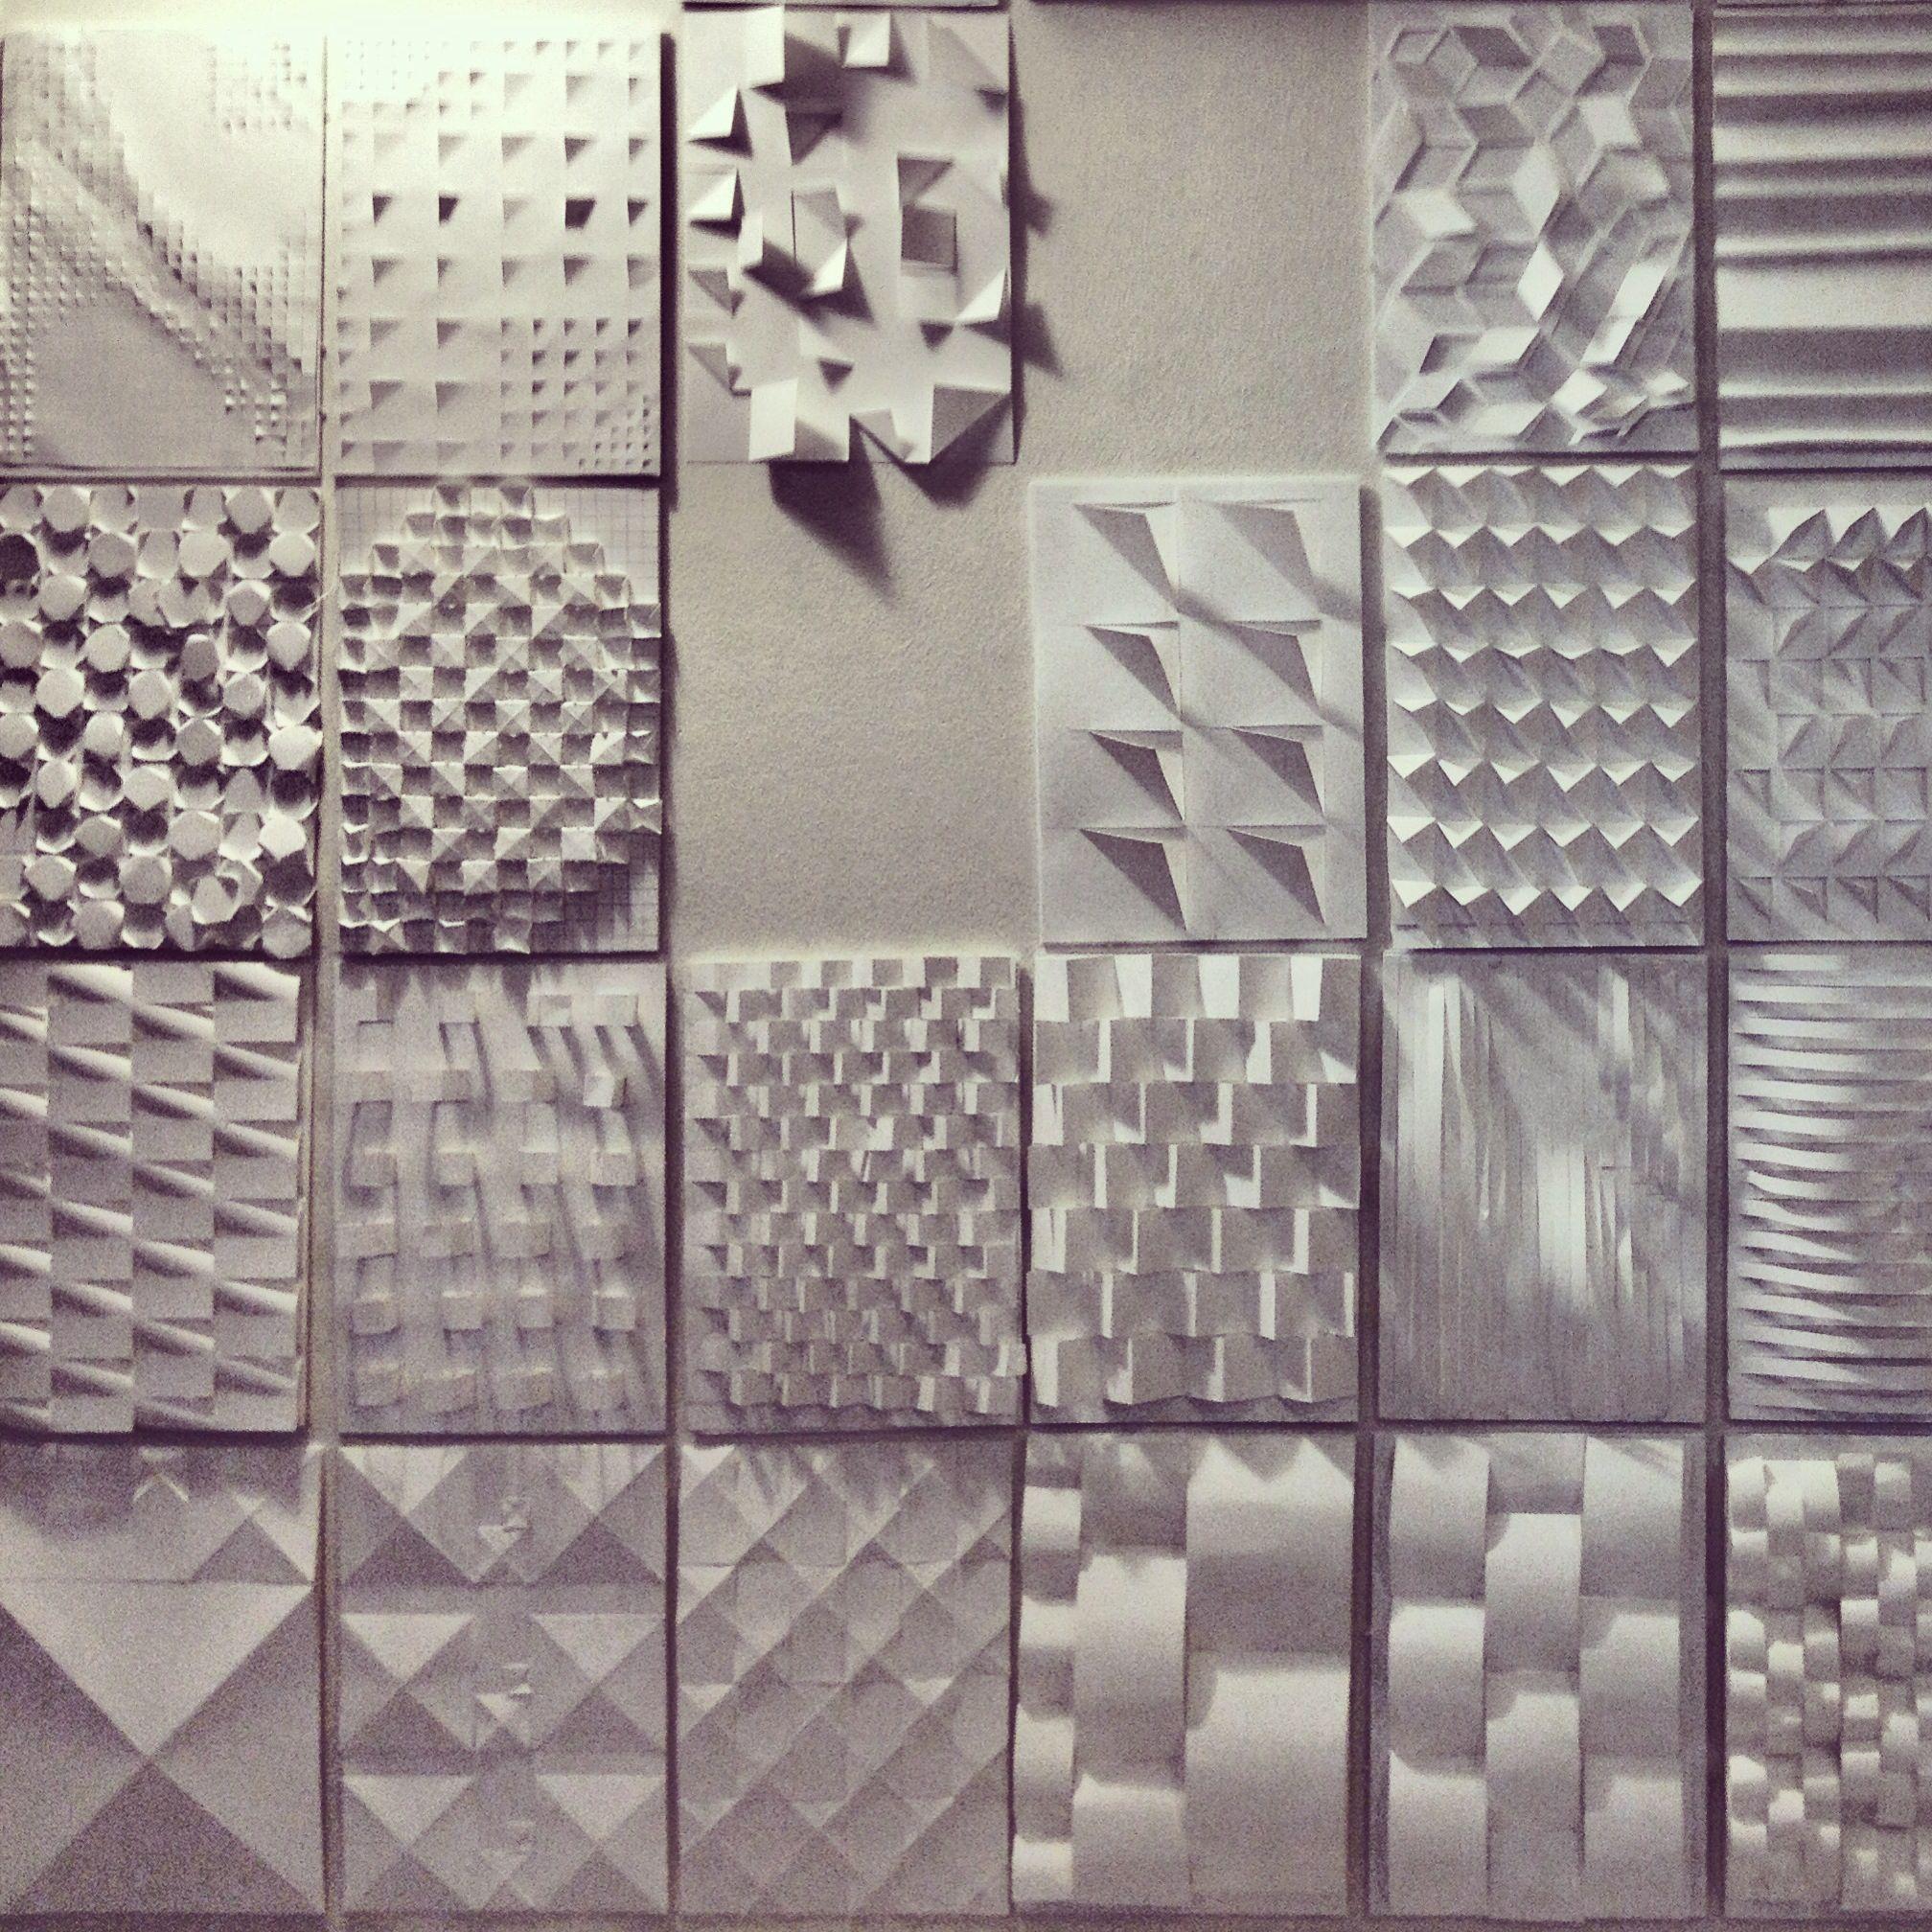 Papierkunst door studenten AHK | Origami | Papierkunst ... - photo#10